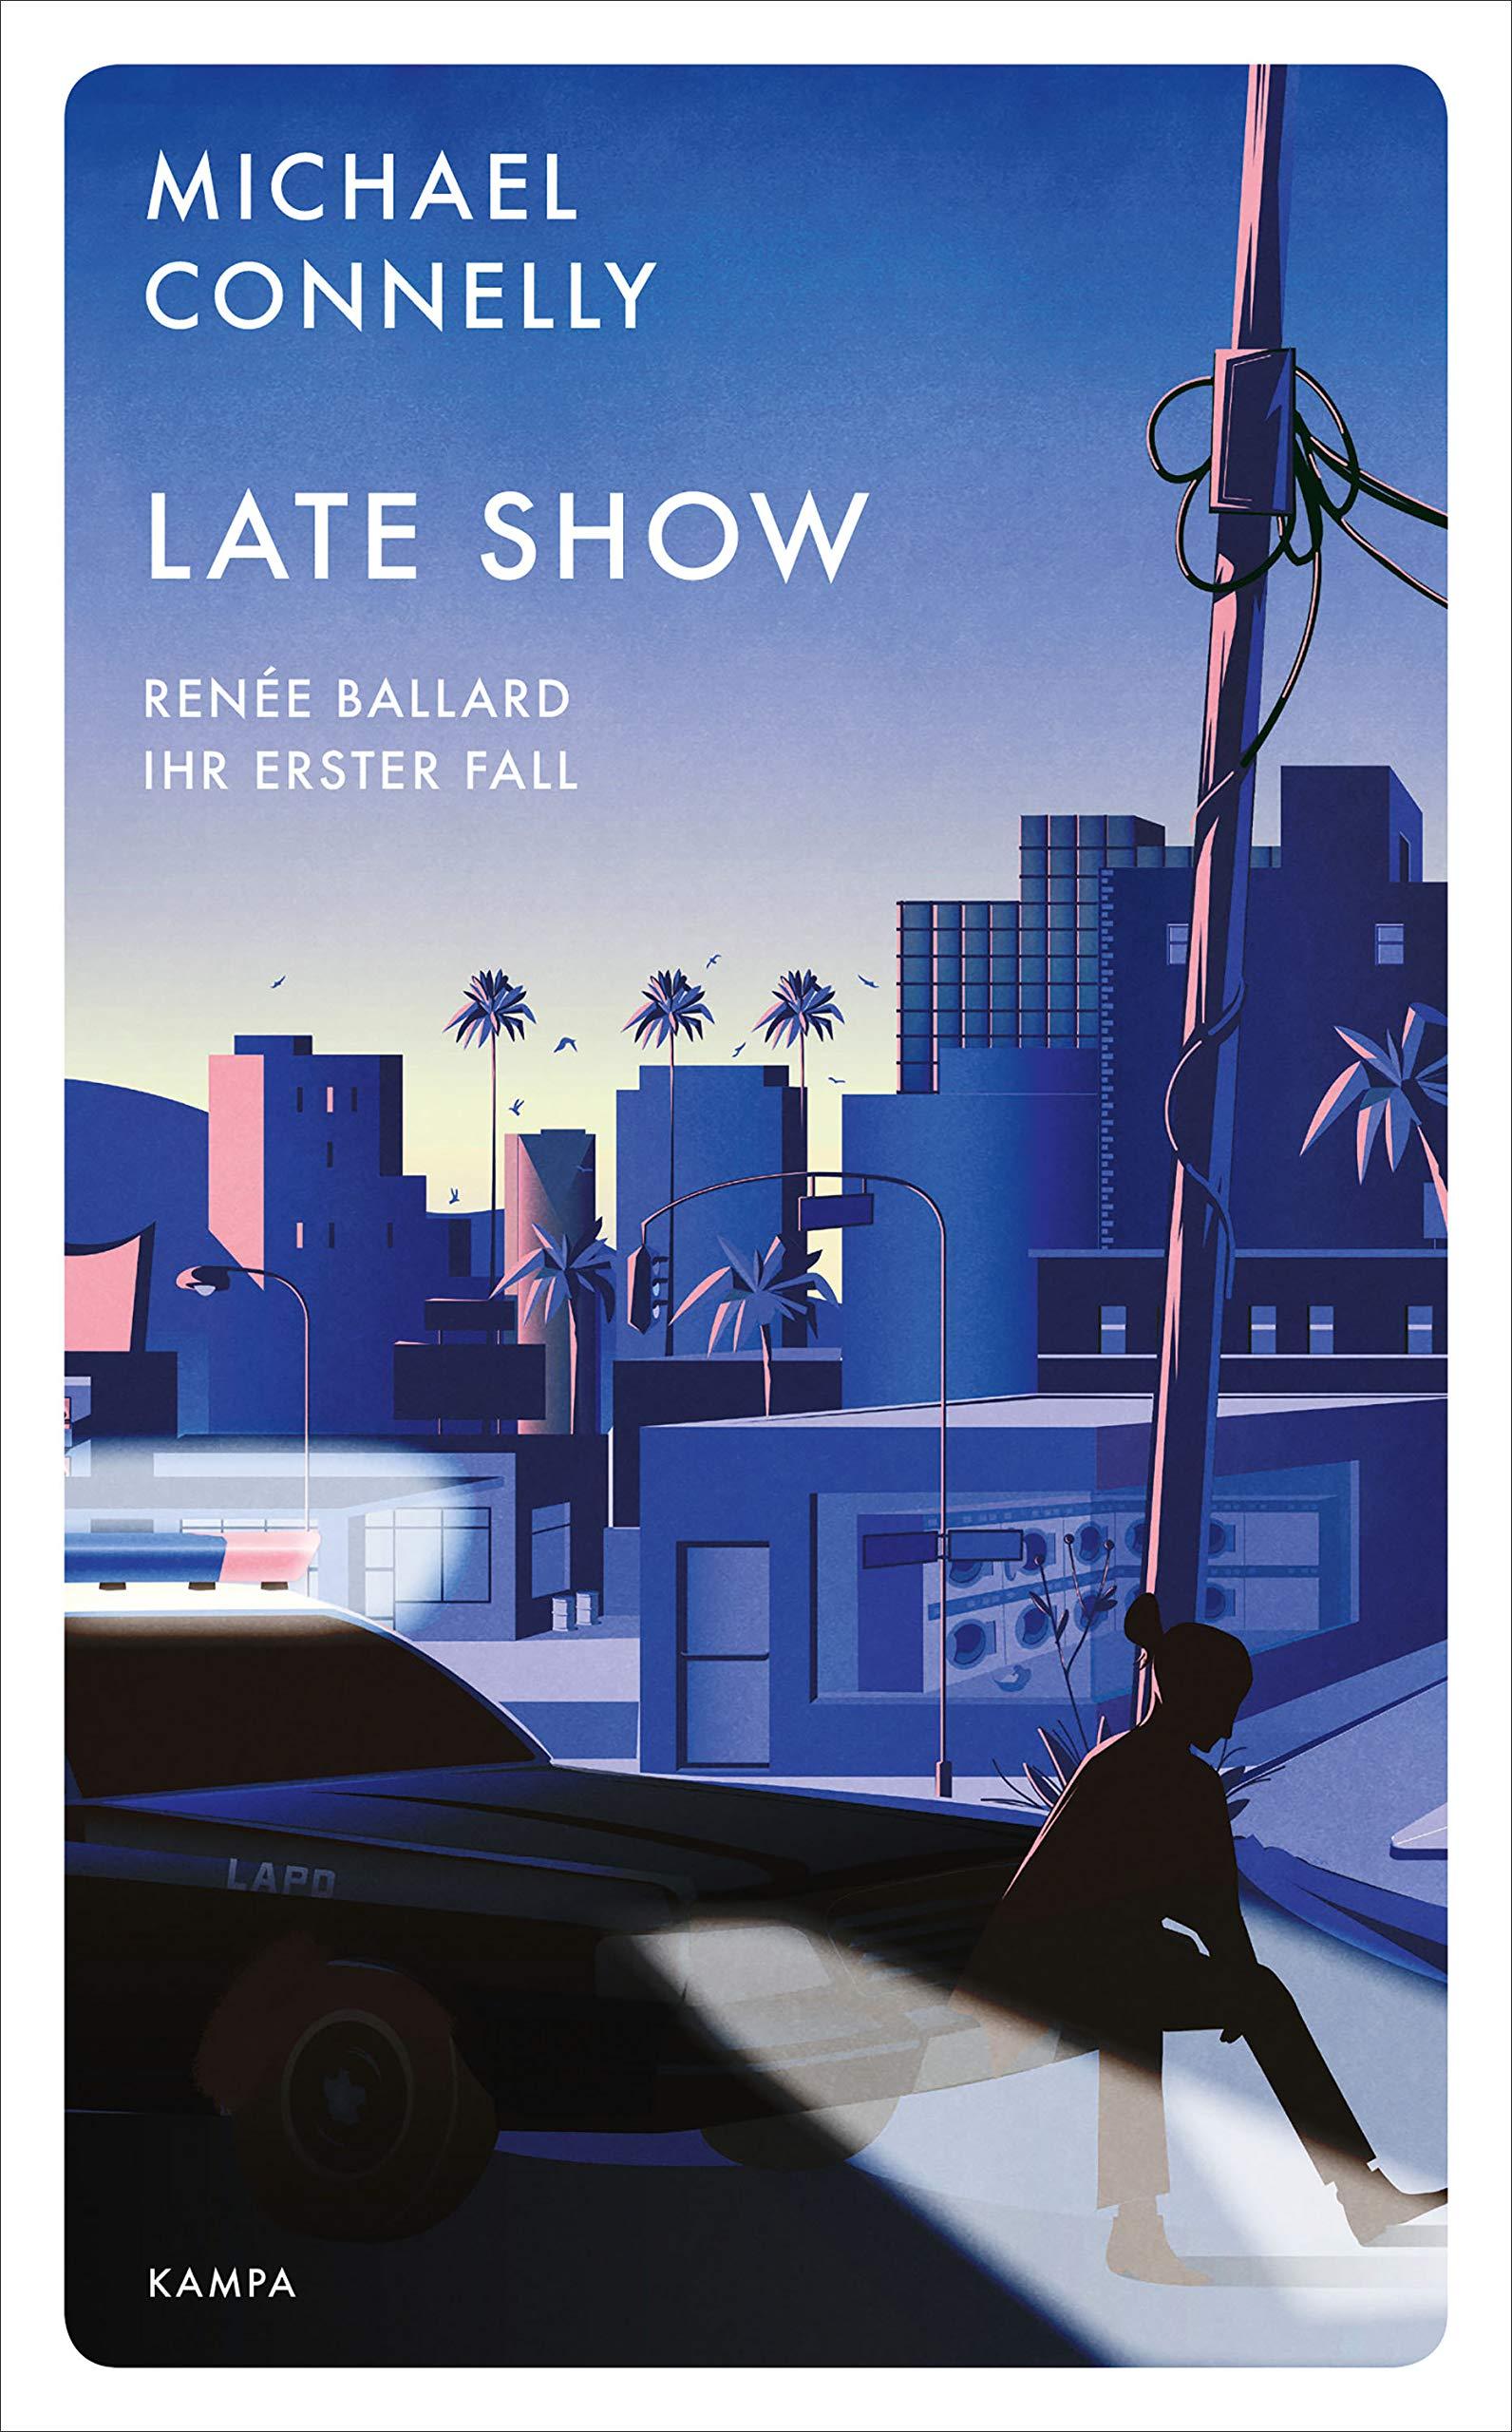 Late Show: Renée Ballard – Ihr erster Fall